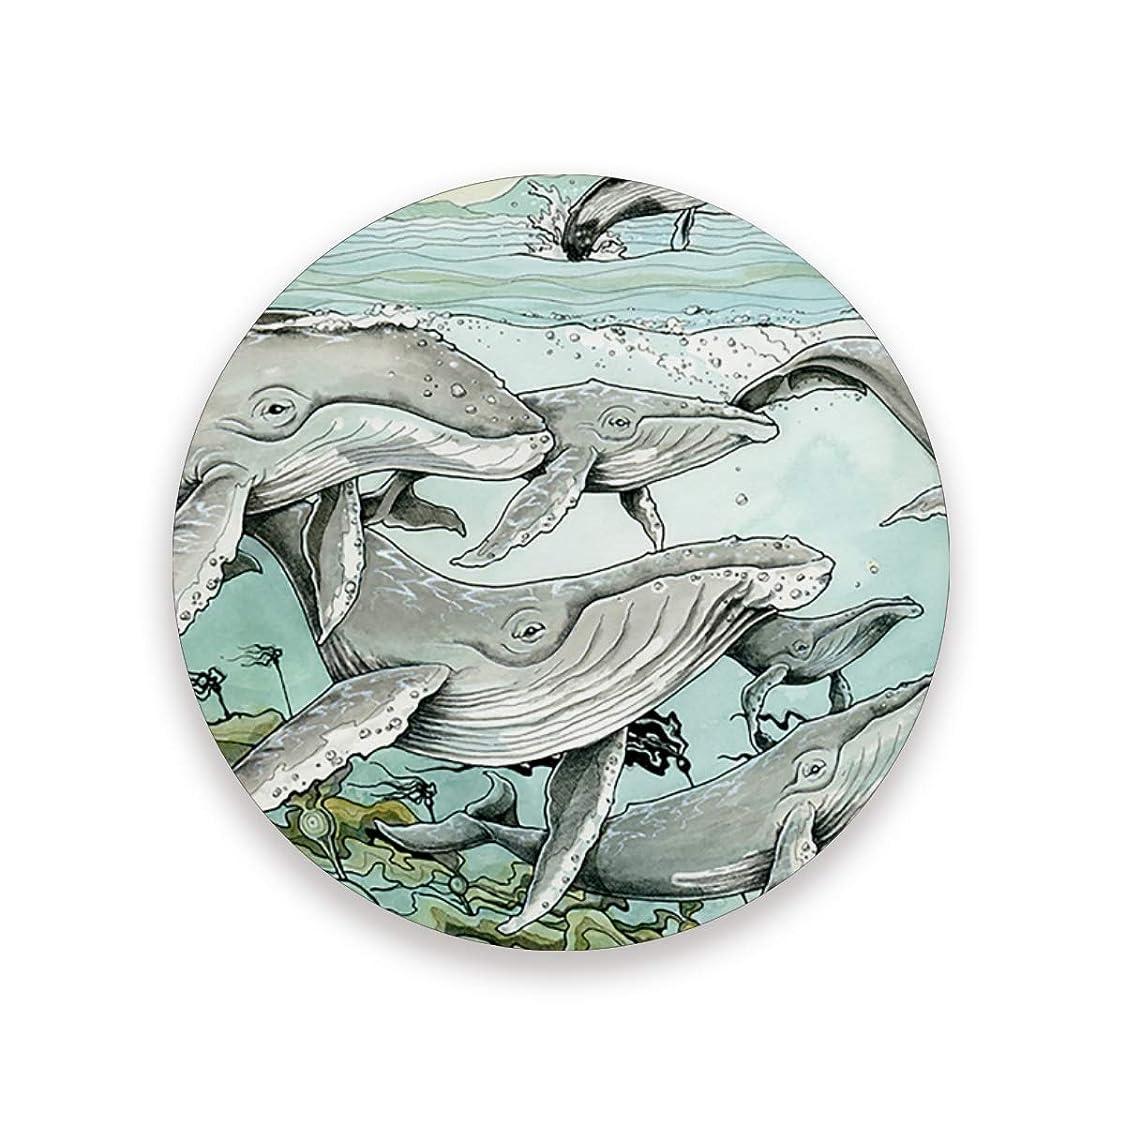 連続したがんばり続ける過度にコースター おしゃれ 茶パッド クジラ 漫画 滑り止め エコ 速乾 抗菌 消臭 4枚セット